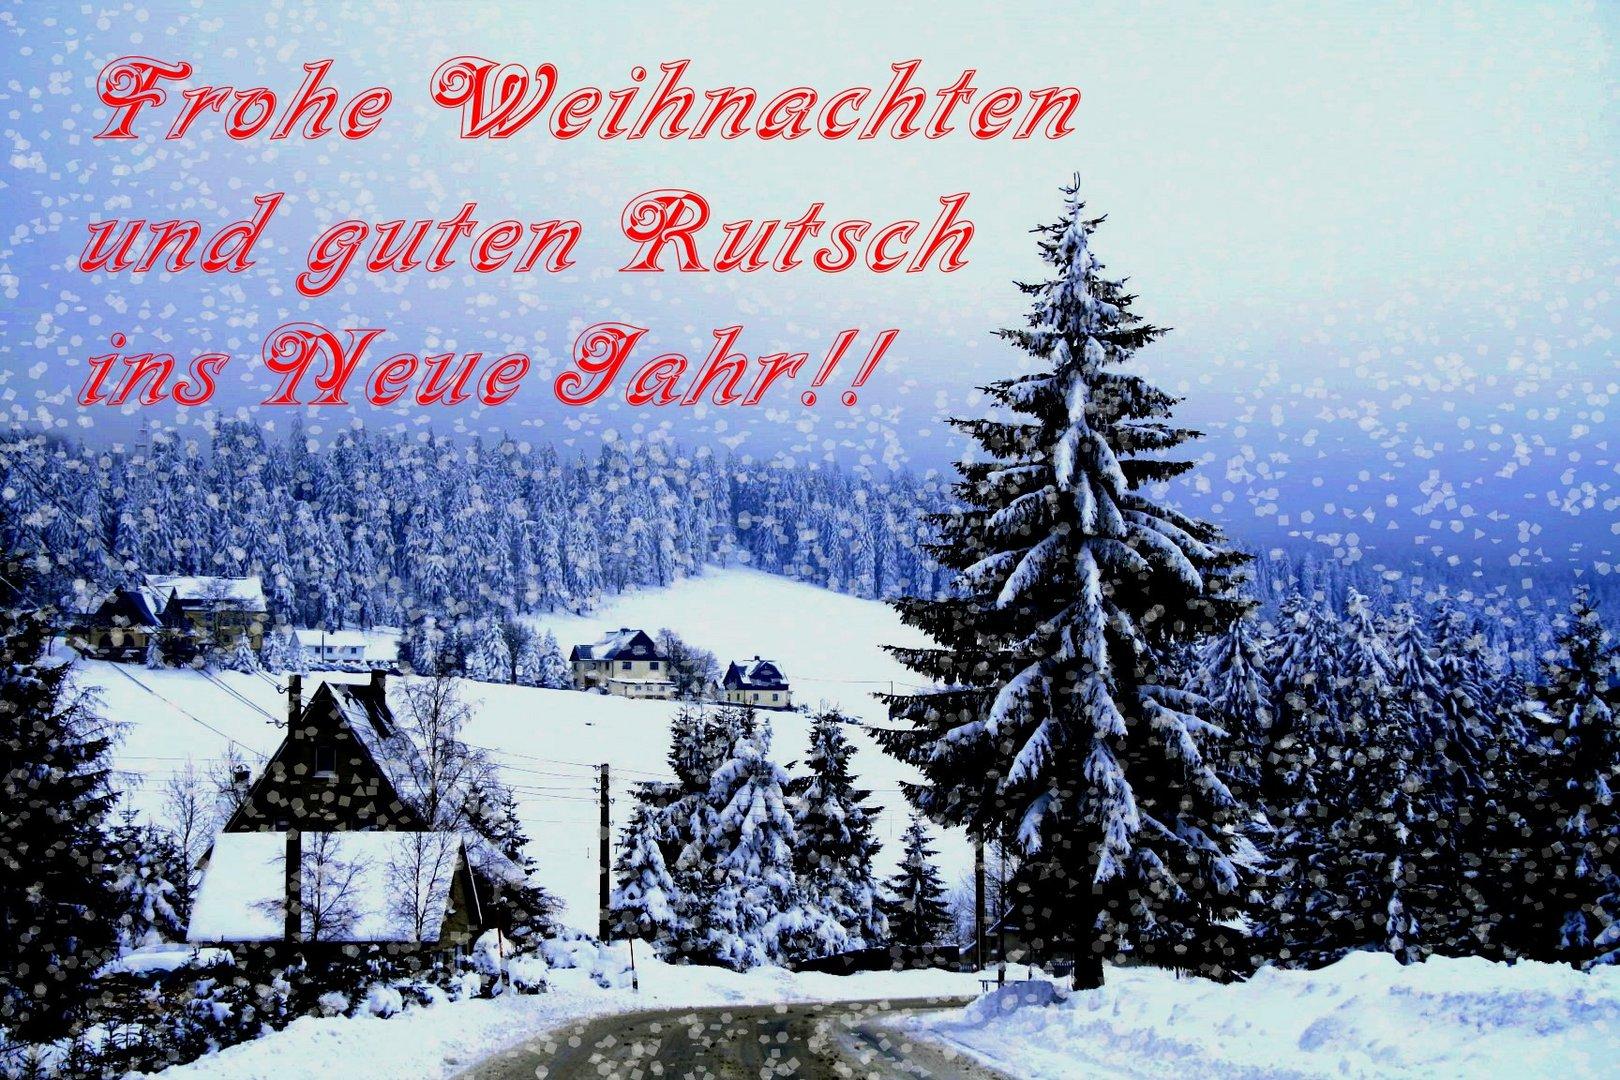 Frohe Weihnachten.........